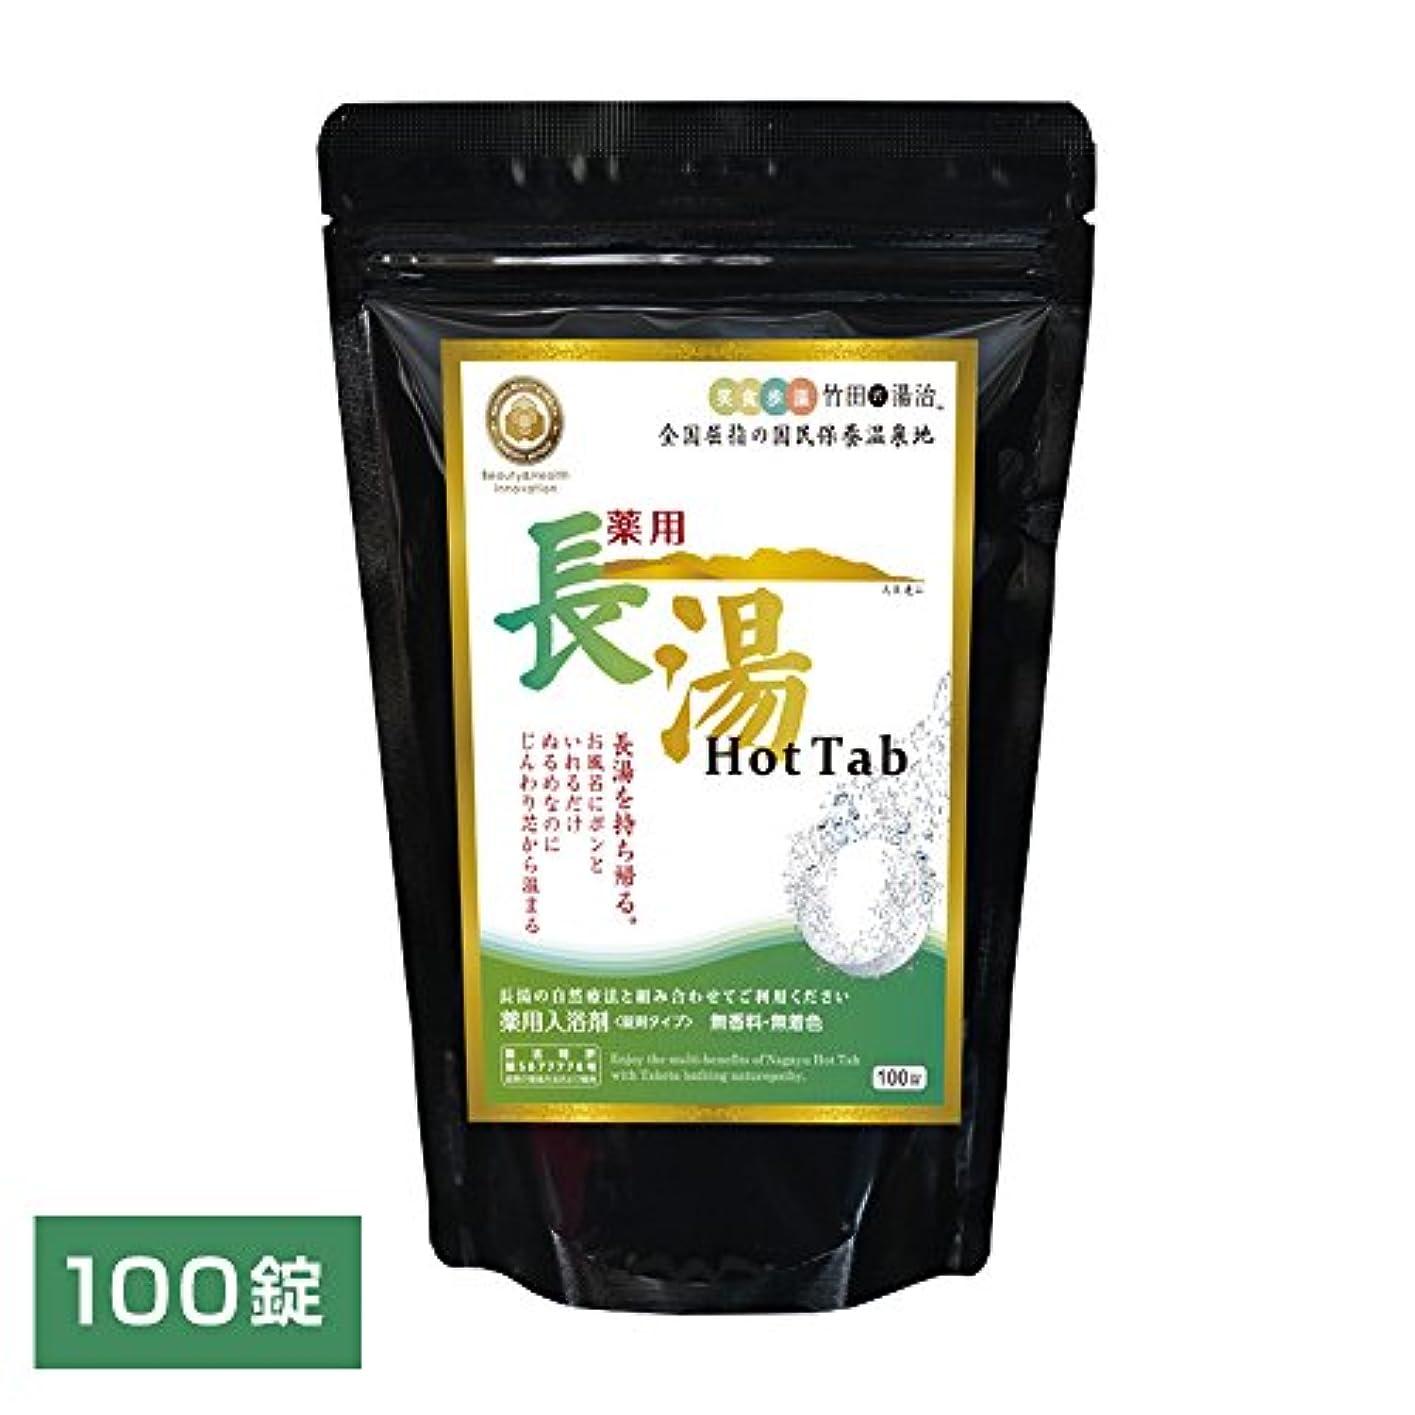 ラグ電気検索Hot Tab 重炭酸入浴剤 (医薬部外品) 薬用長湯ホットタブ (皮脂汚れを重炭酸の力で除去 美容健康入浴剤 炭酸泉タブレット) 100錠